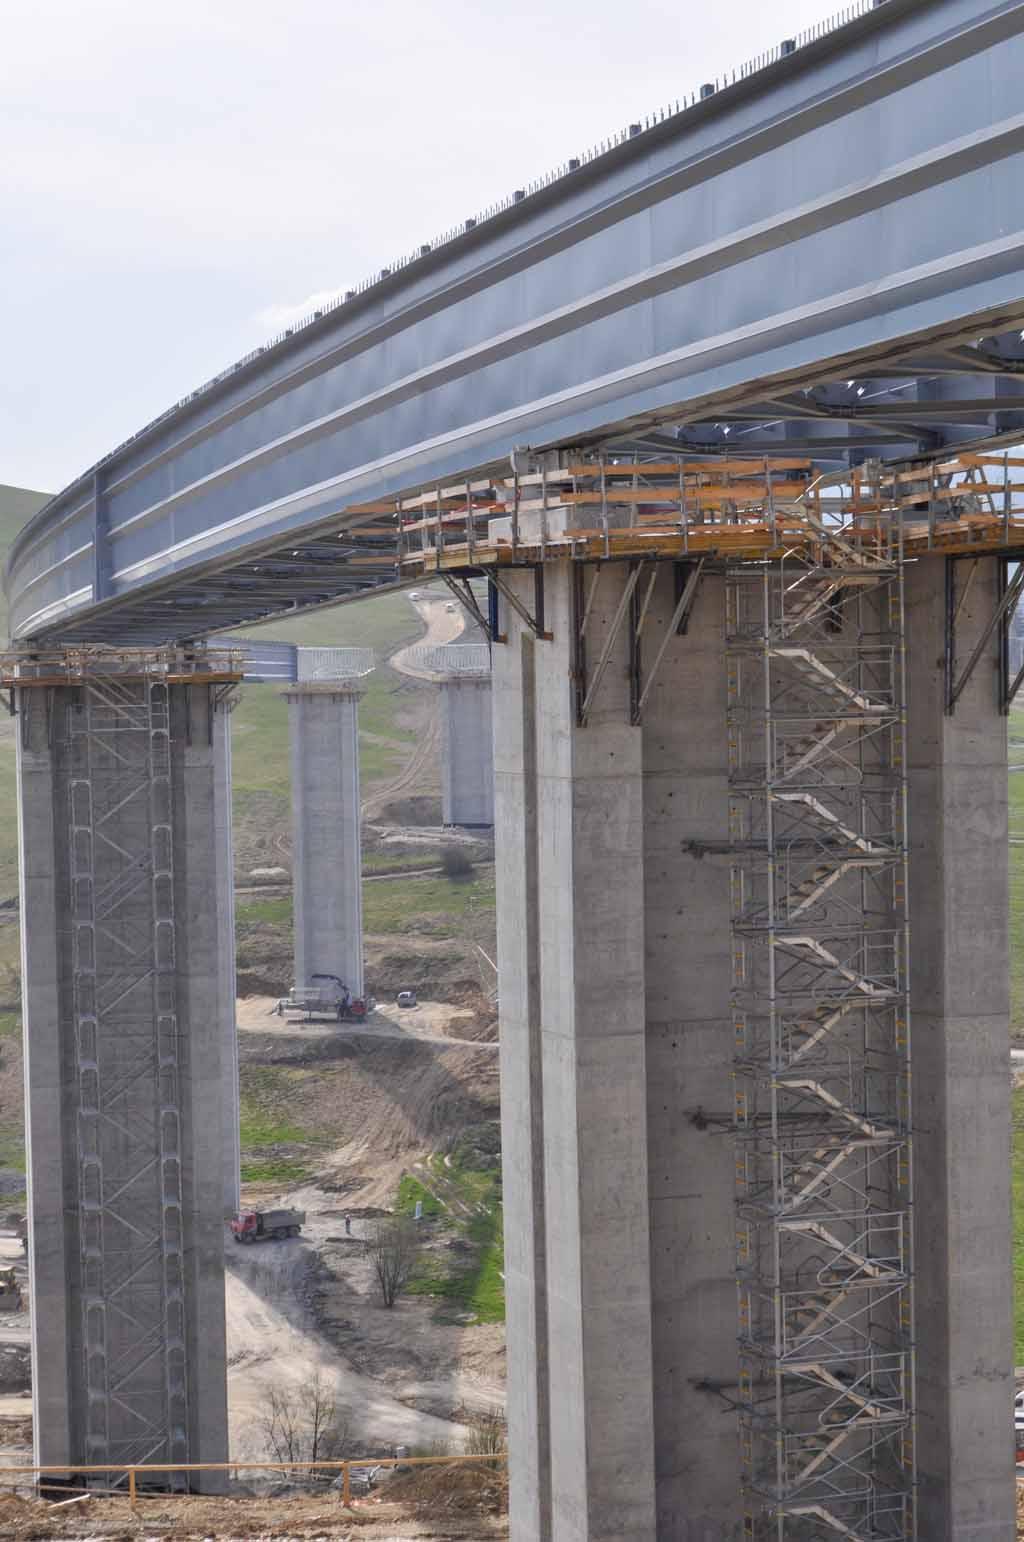 Pristupové-schodisko-na-dialničny-most-MOntaž-oceľových-mostov-Promont